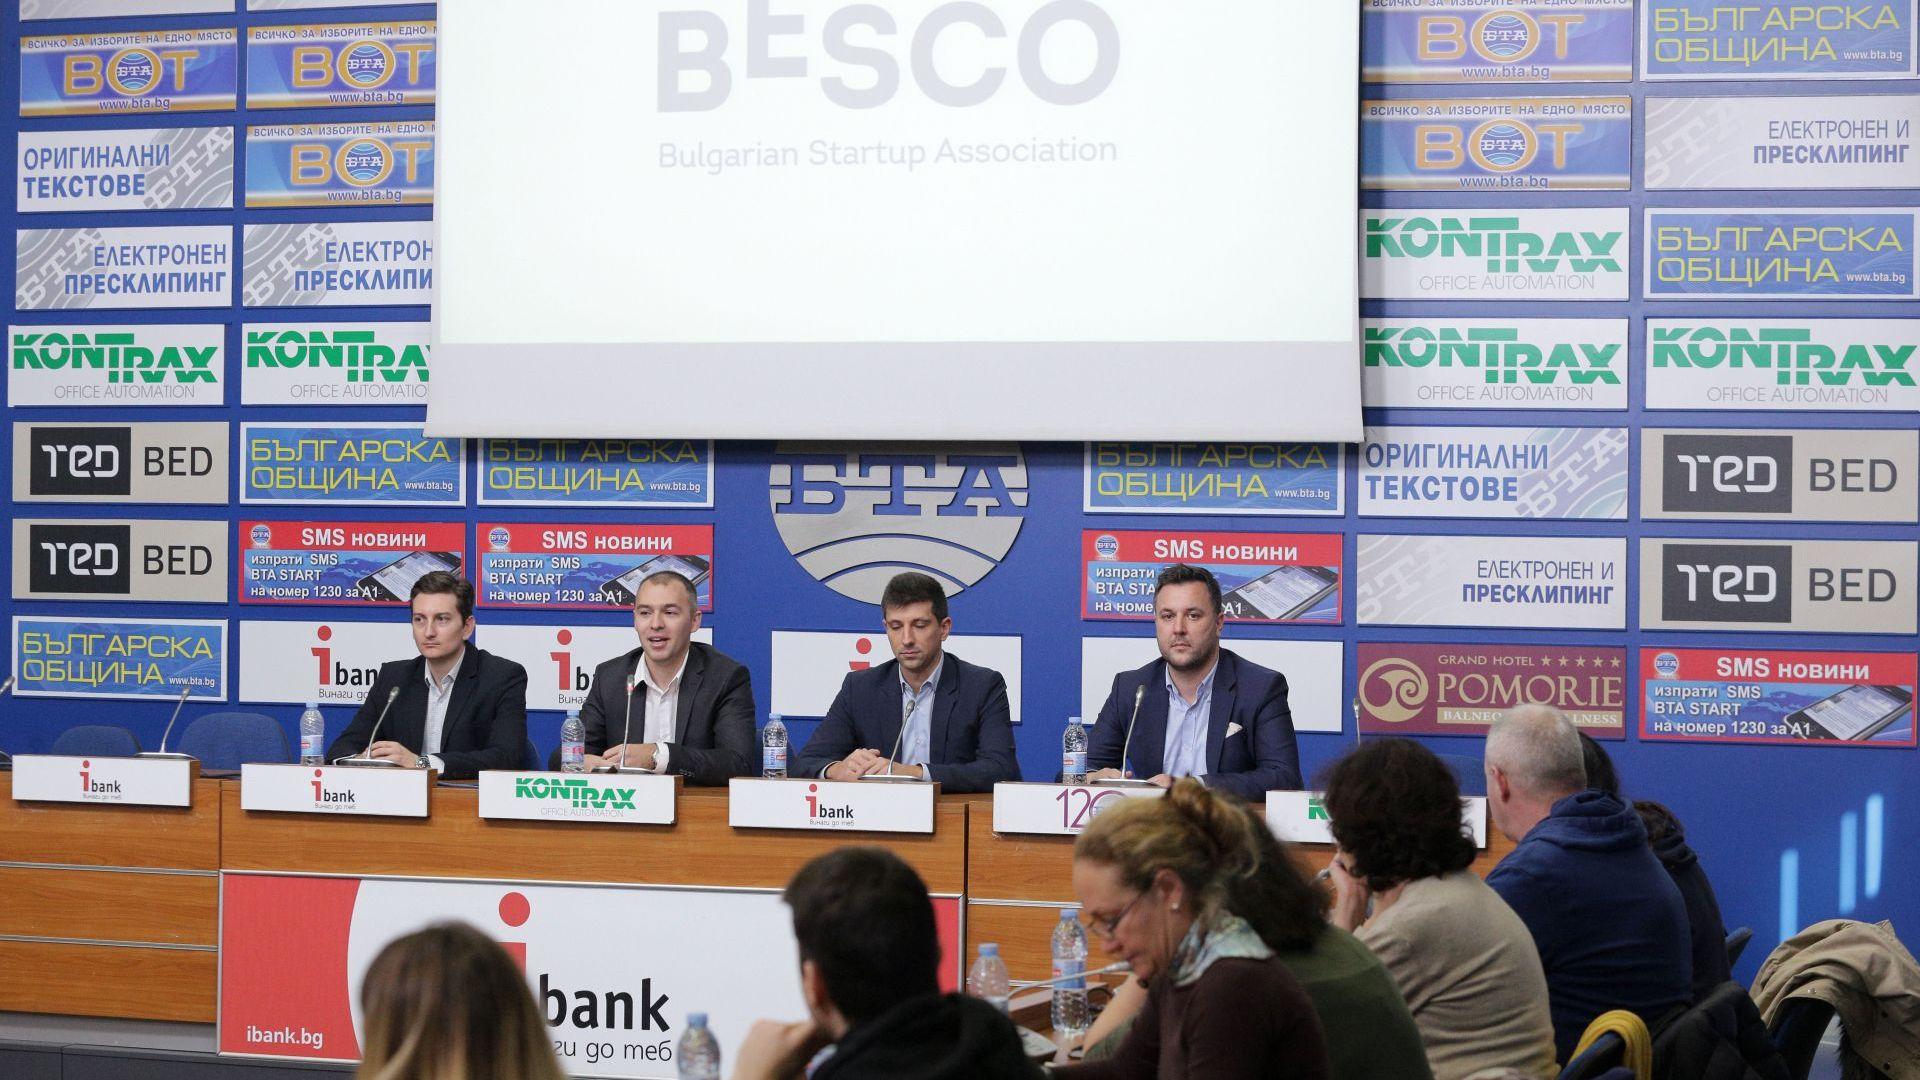 Ръководството на BESCO поиска оттегляне на законопроекта, свързан с туристическите платформи